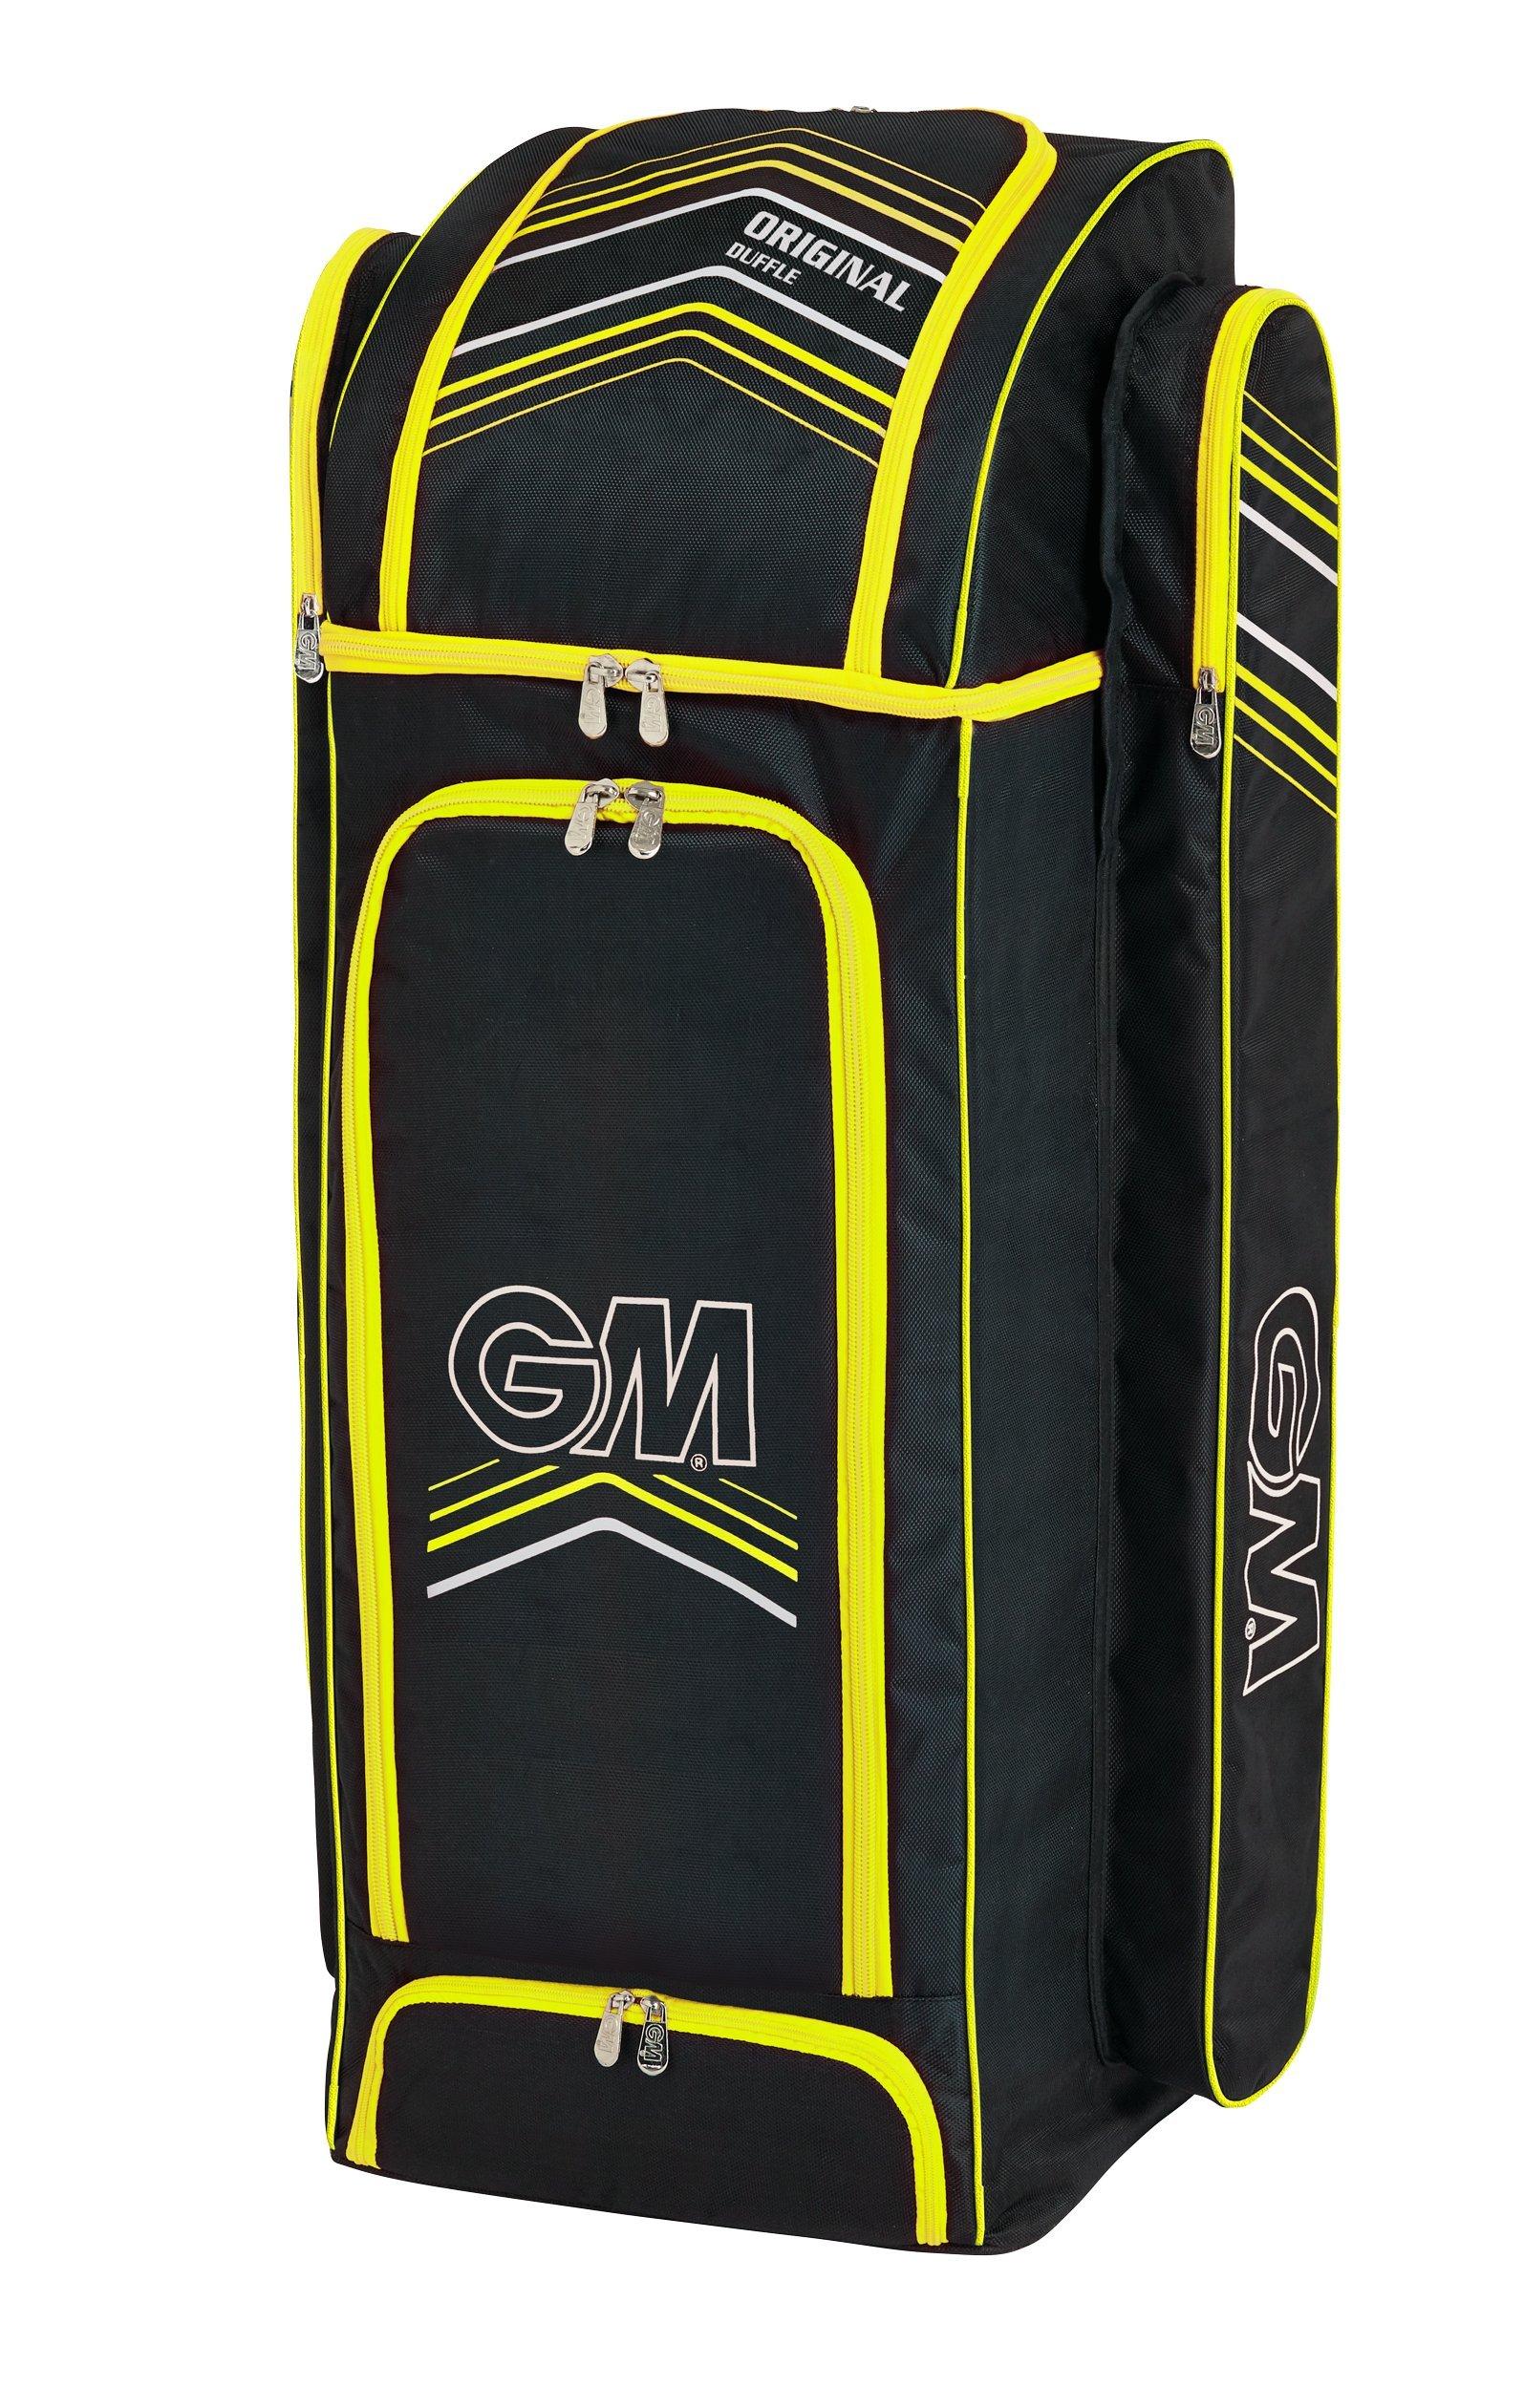 Gunn & Moore Original GM Original Duffle Cricket Bag, Black - Yellow